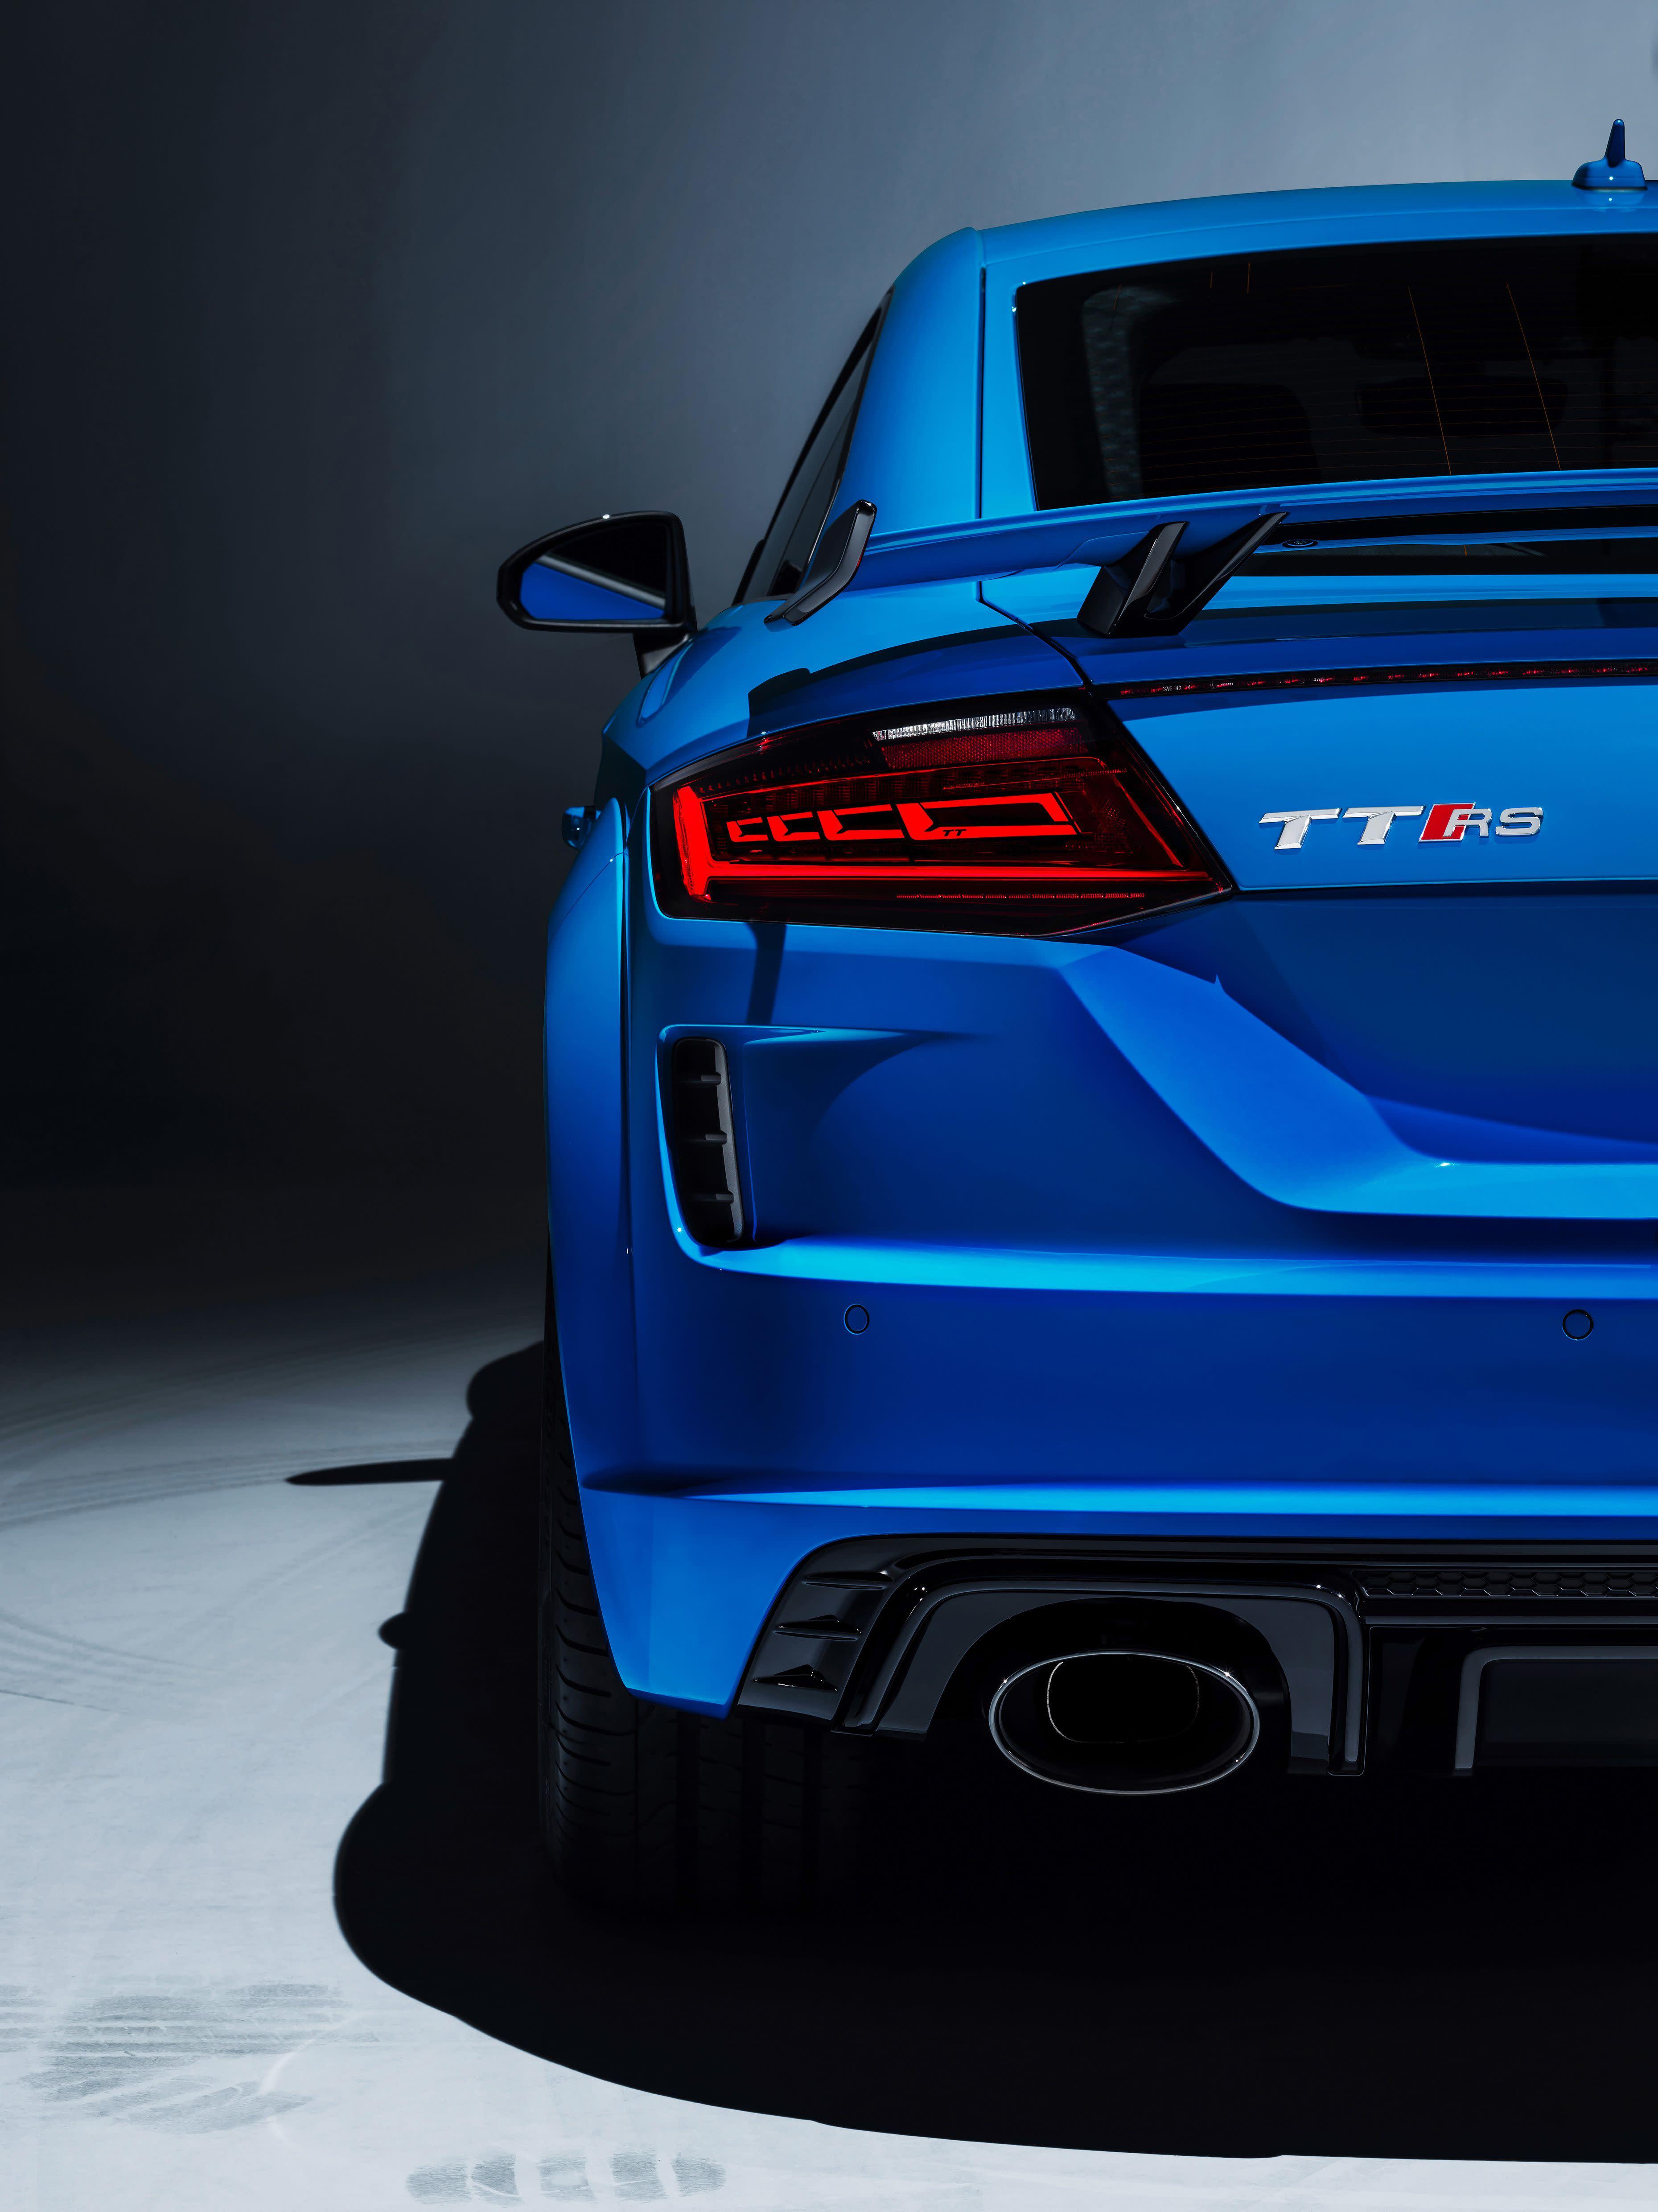 Audi Tt Rs >> Explore The 2019 Audi Tt Rs In Photos